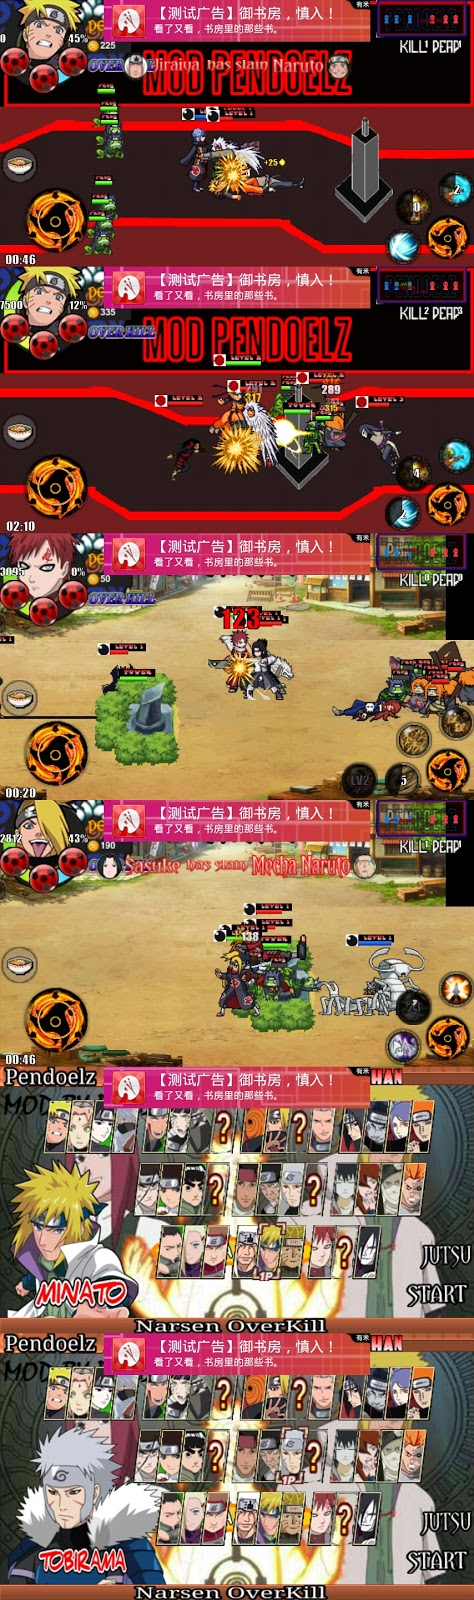 Naruto Senki Overkill Second Version (Fixed 2) Apk